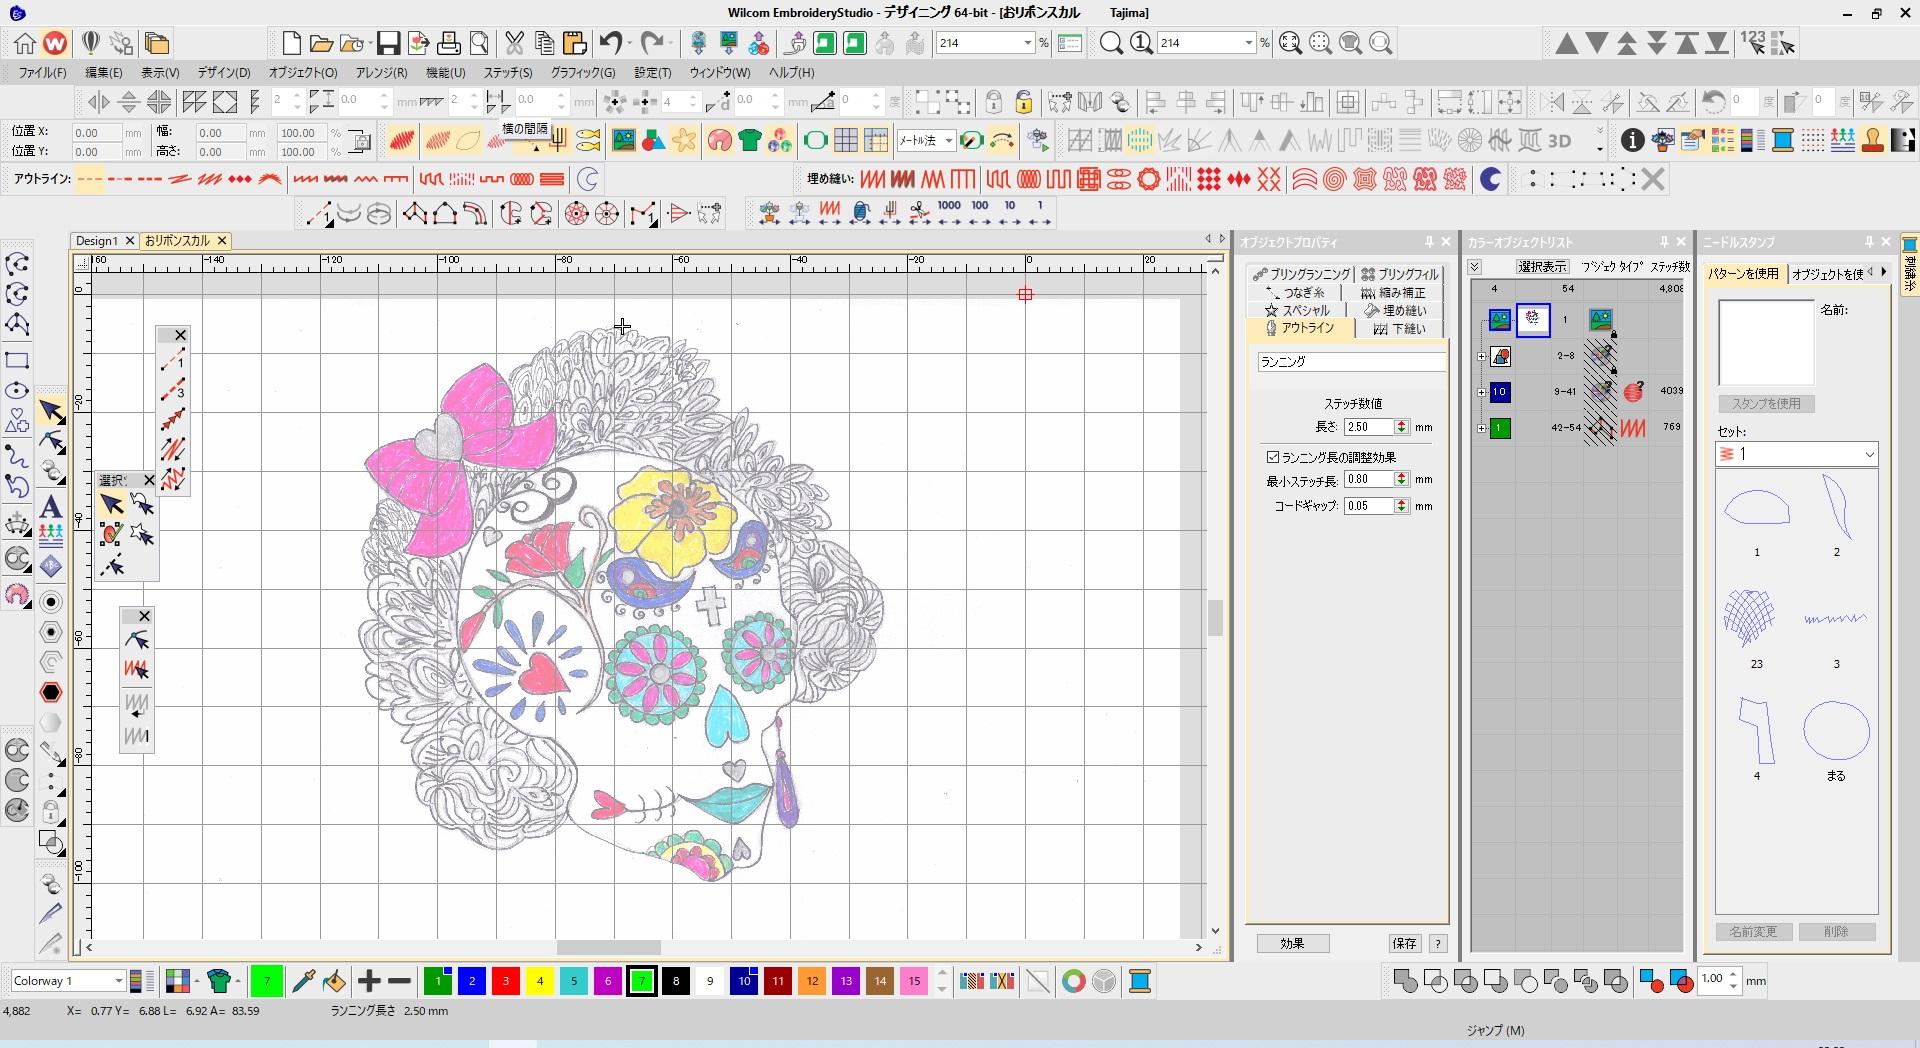 デコレーションズ刺繍CD企画♡ その47 おリボンスカルデータ製作♪ entrance embroidery